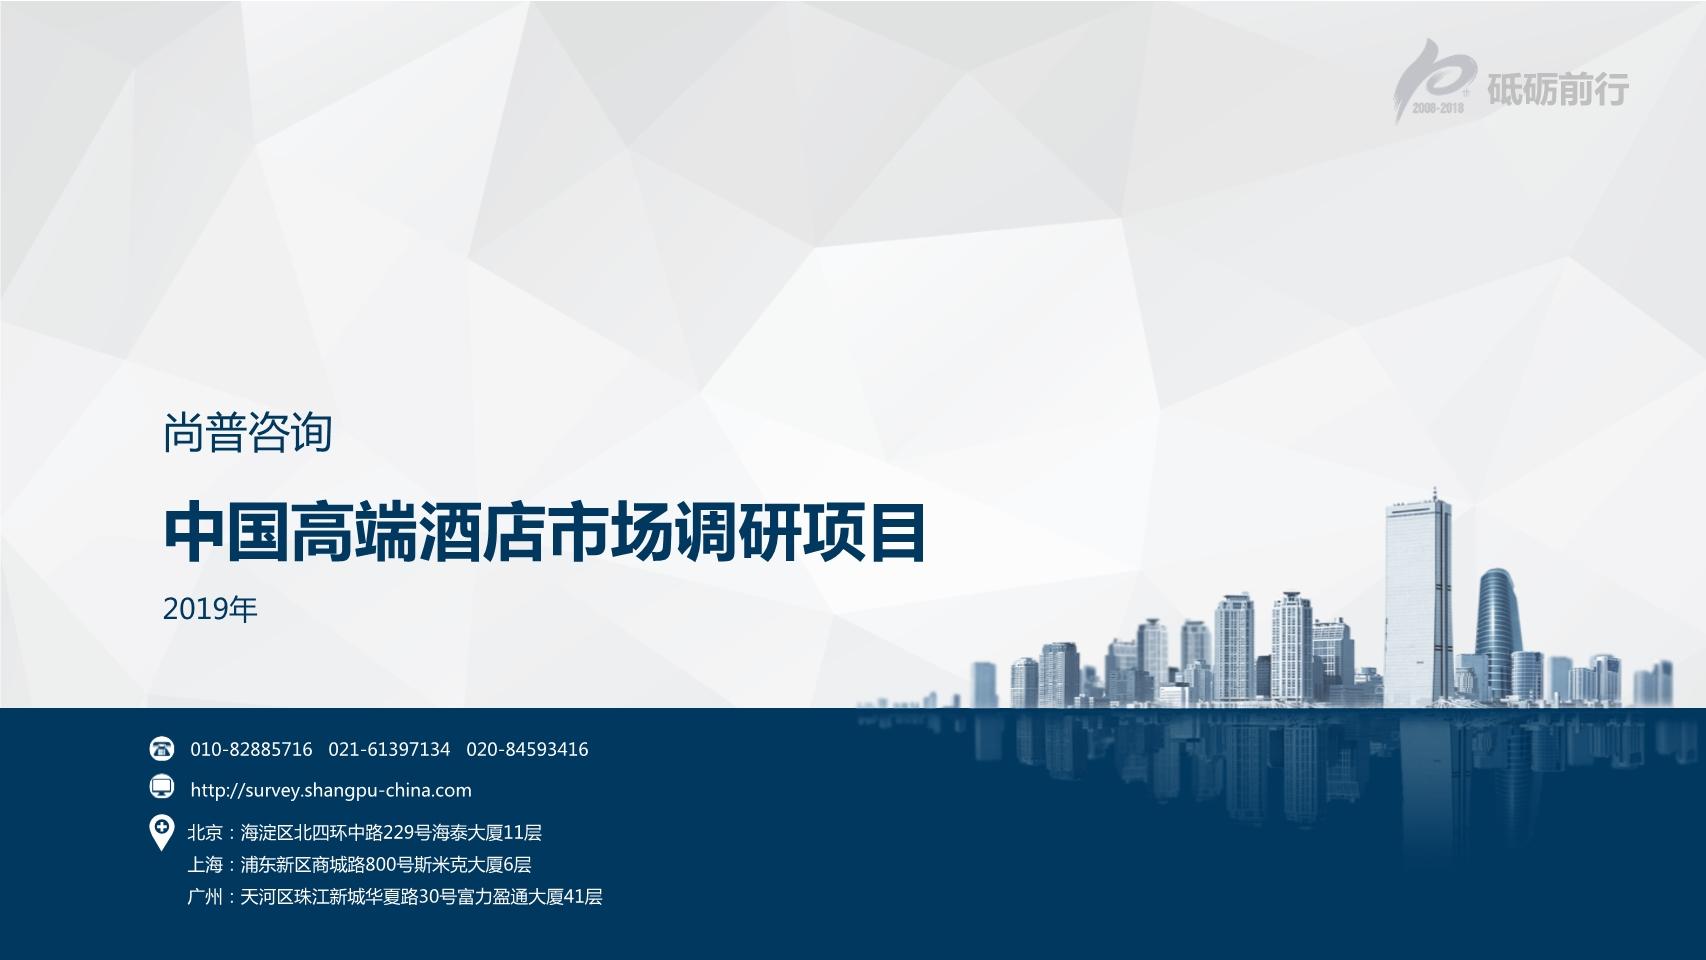 尚普咨询-中国高端酒店市场调研项目